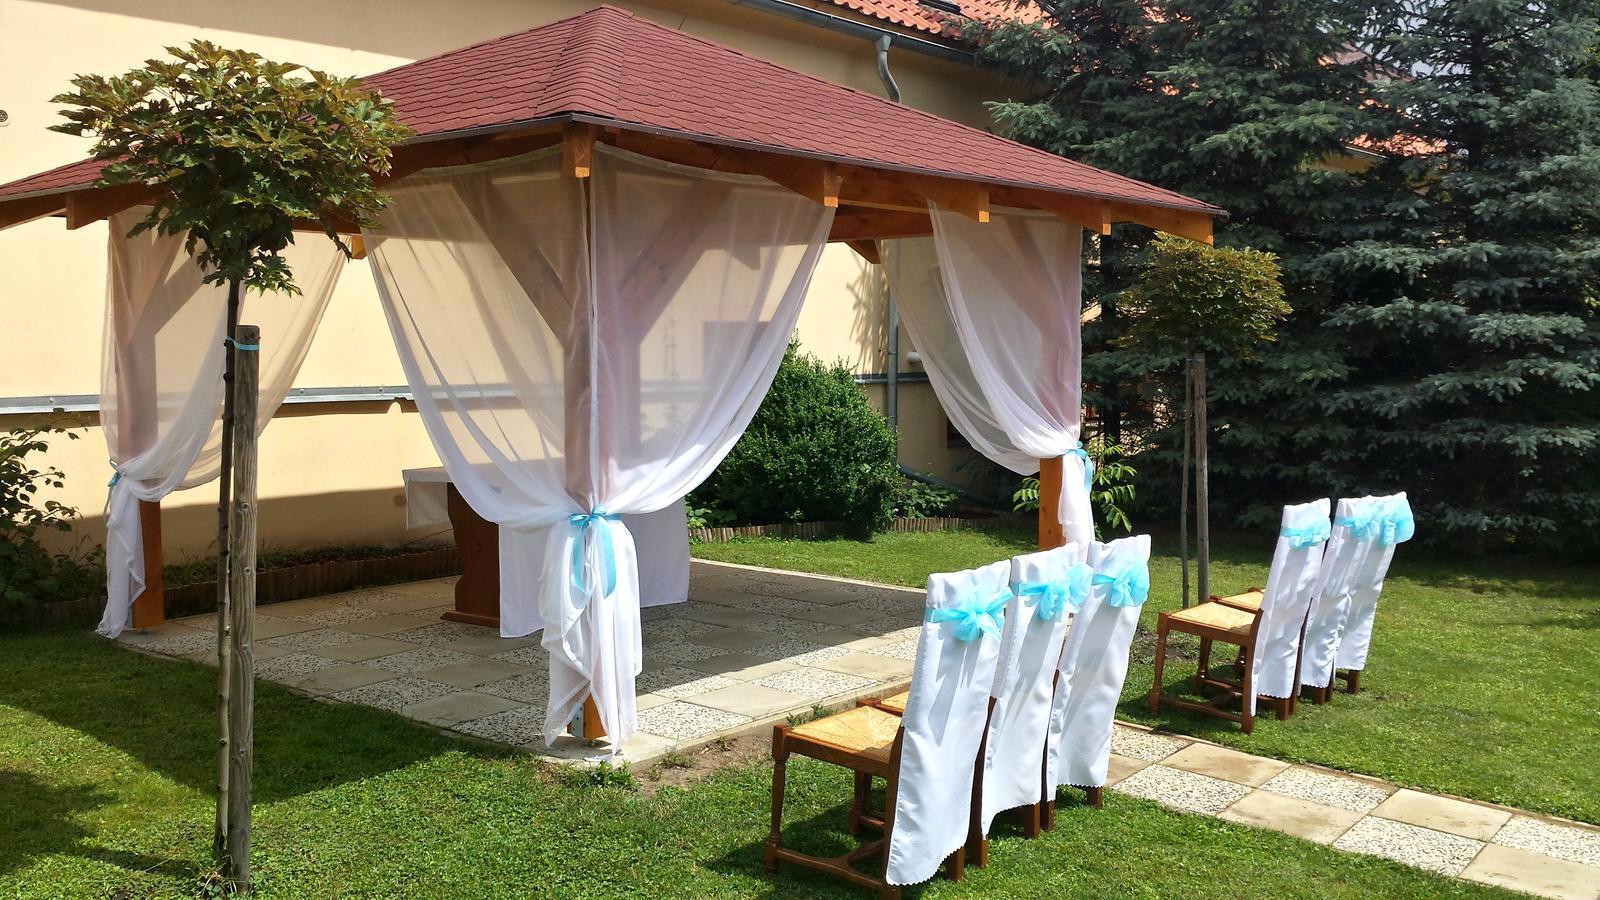 kvetaszenkova - Svatební altánek1